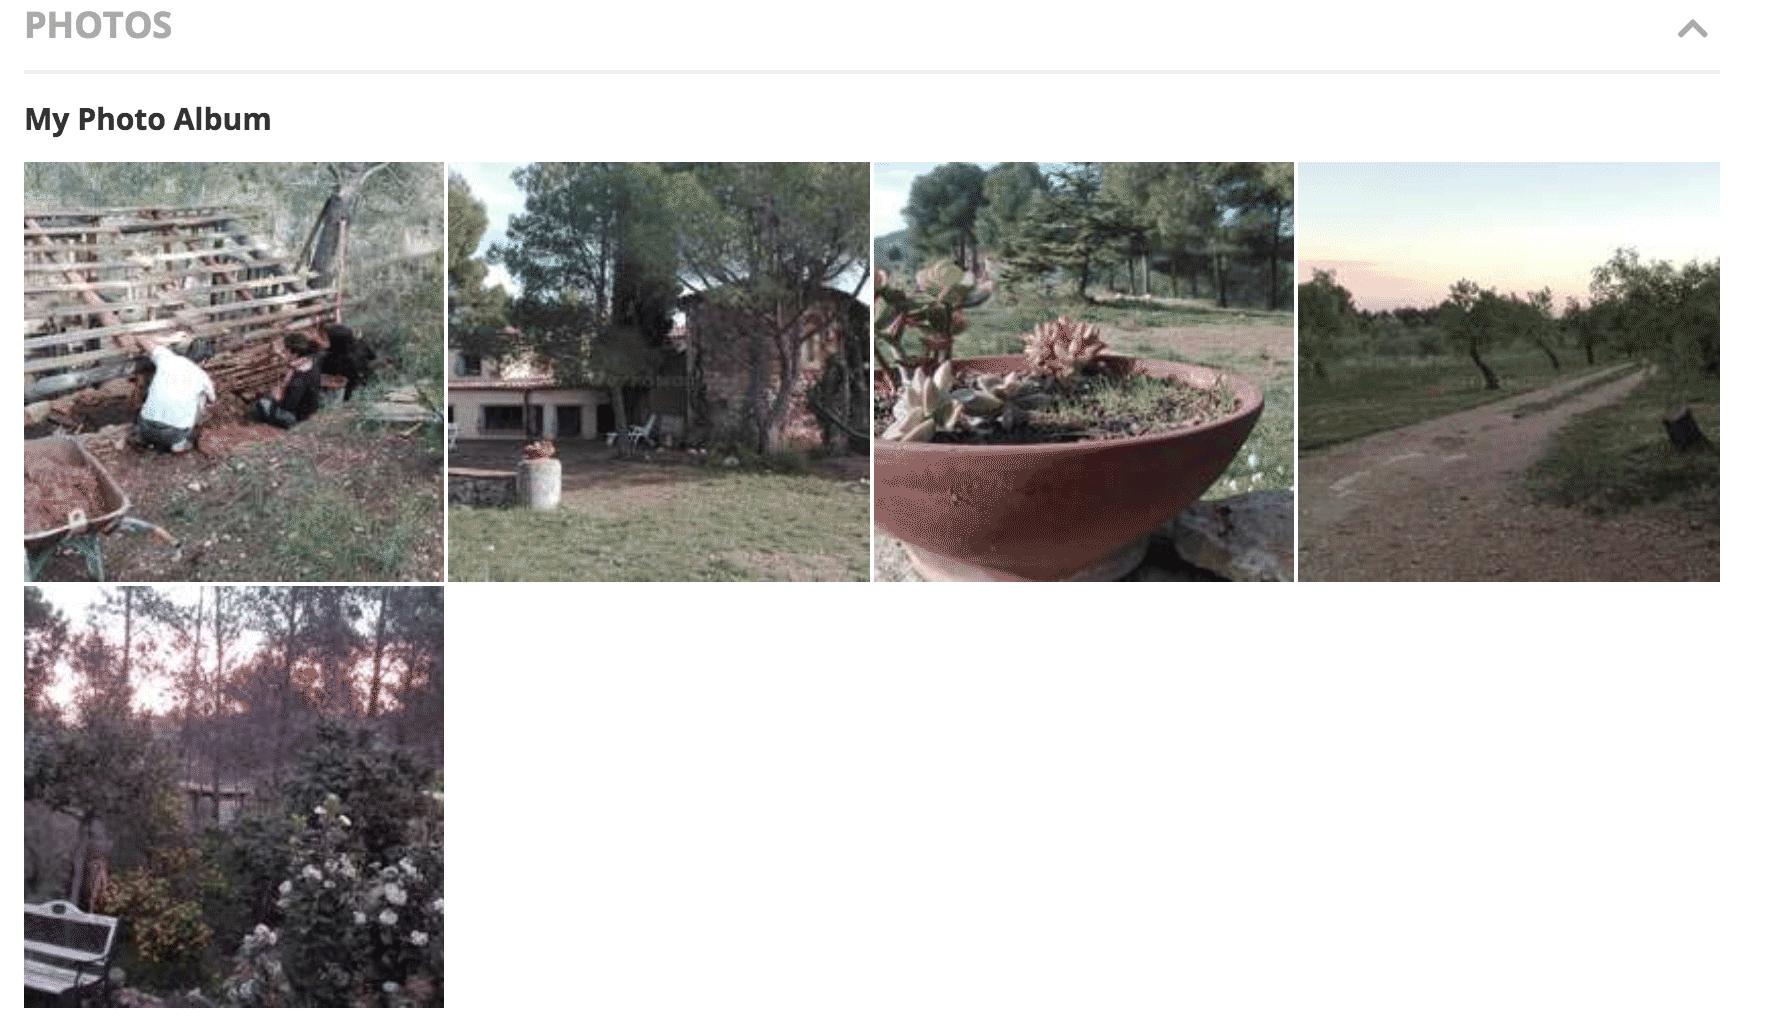 Фотографии в аккаунте нашего второго проекта